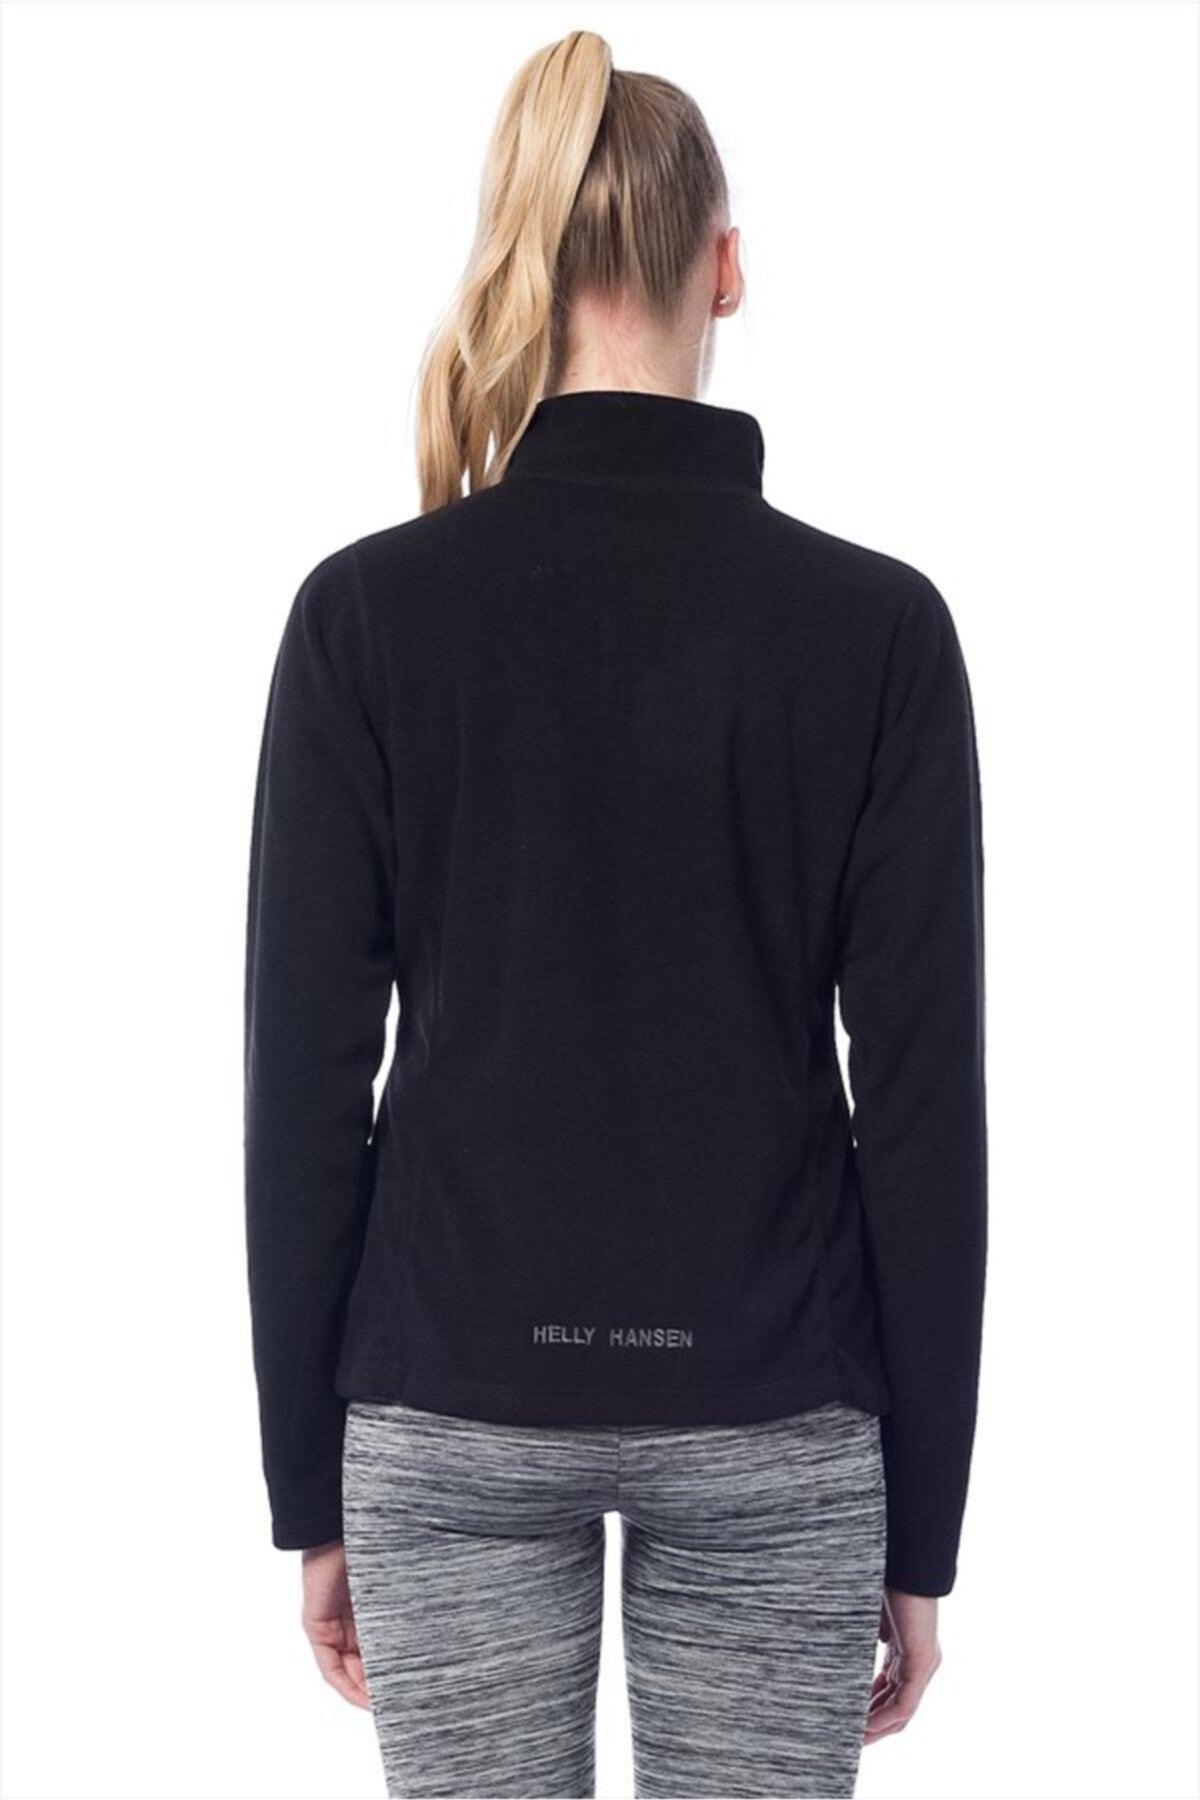 Helly Hansen Kadın Siyah Polar Fleece 990 2